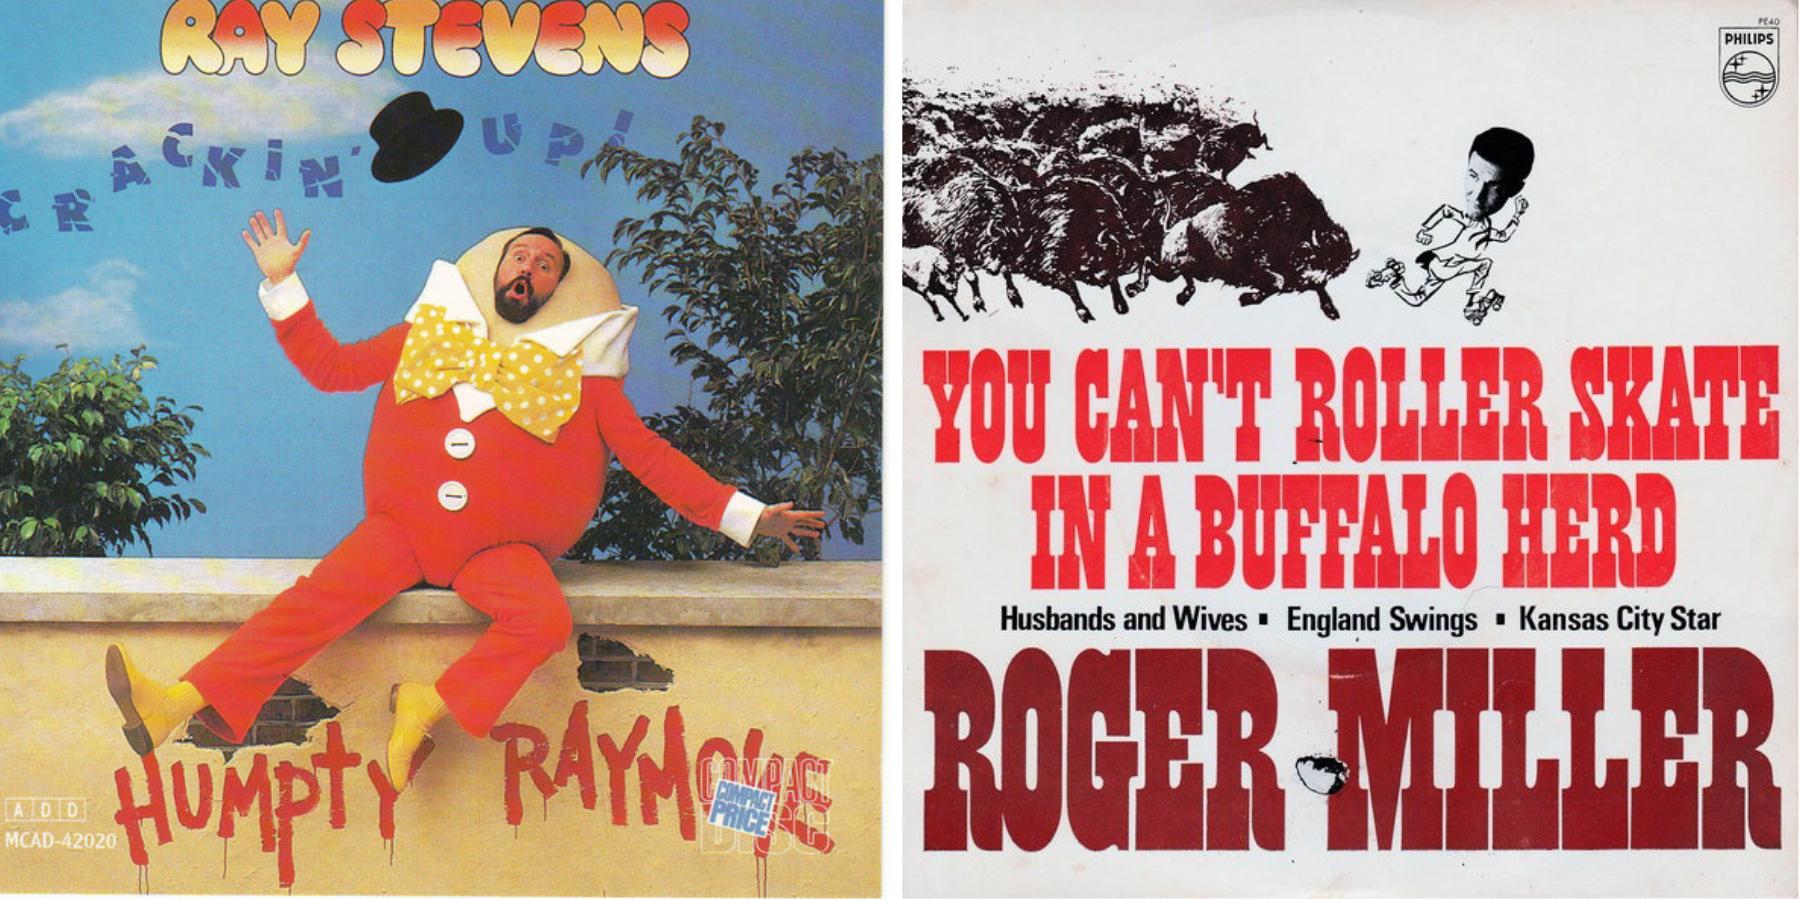 14 Songs for Roller Skating in Buffalo Herds